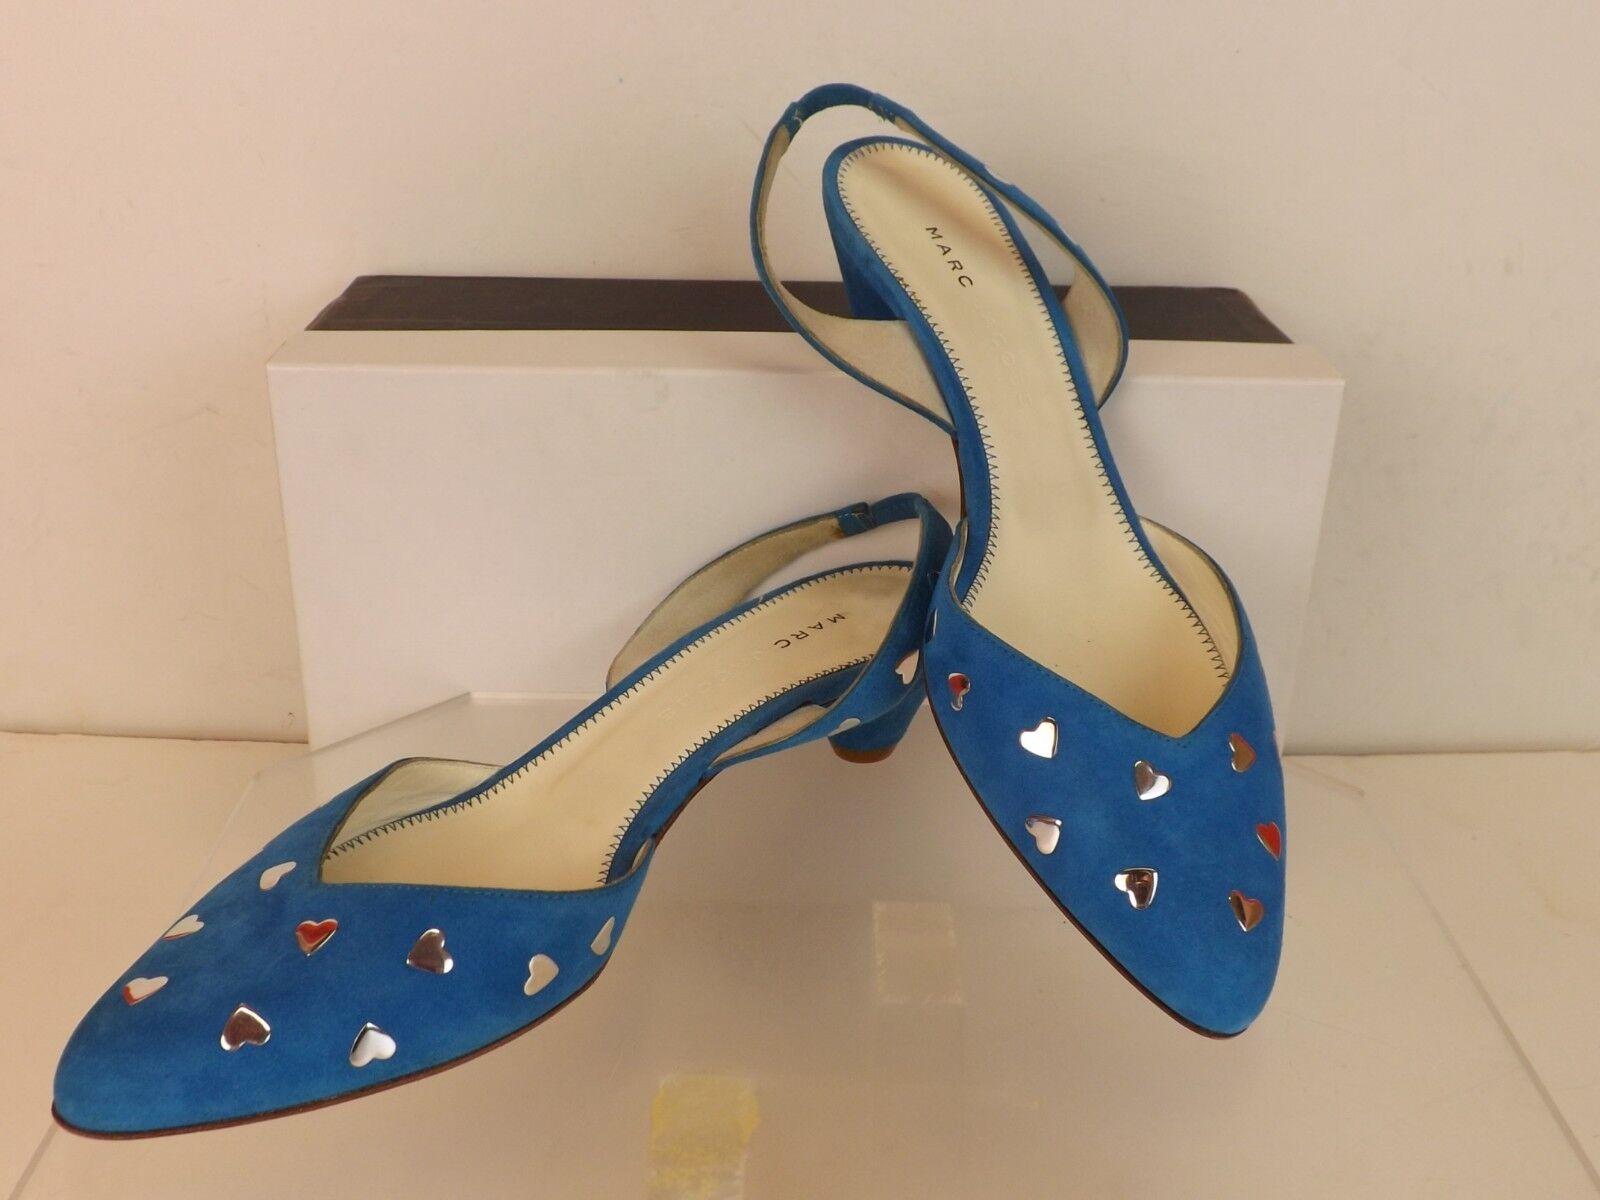 Nuevo corazón En Caja Marc Jacobs azul Suede corazón Nuevo de plata espárragos Charol Sandalias Bombas 38.5 Italia 82f568